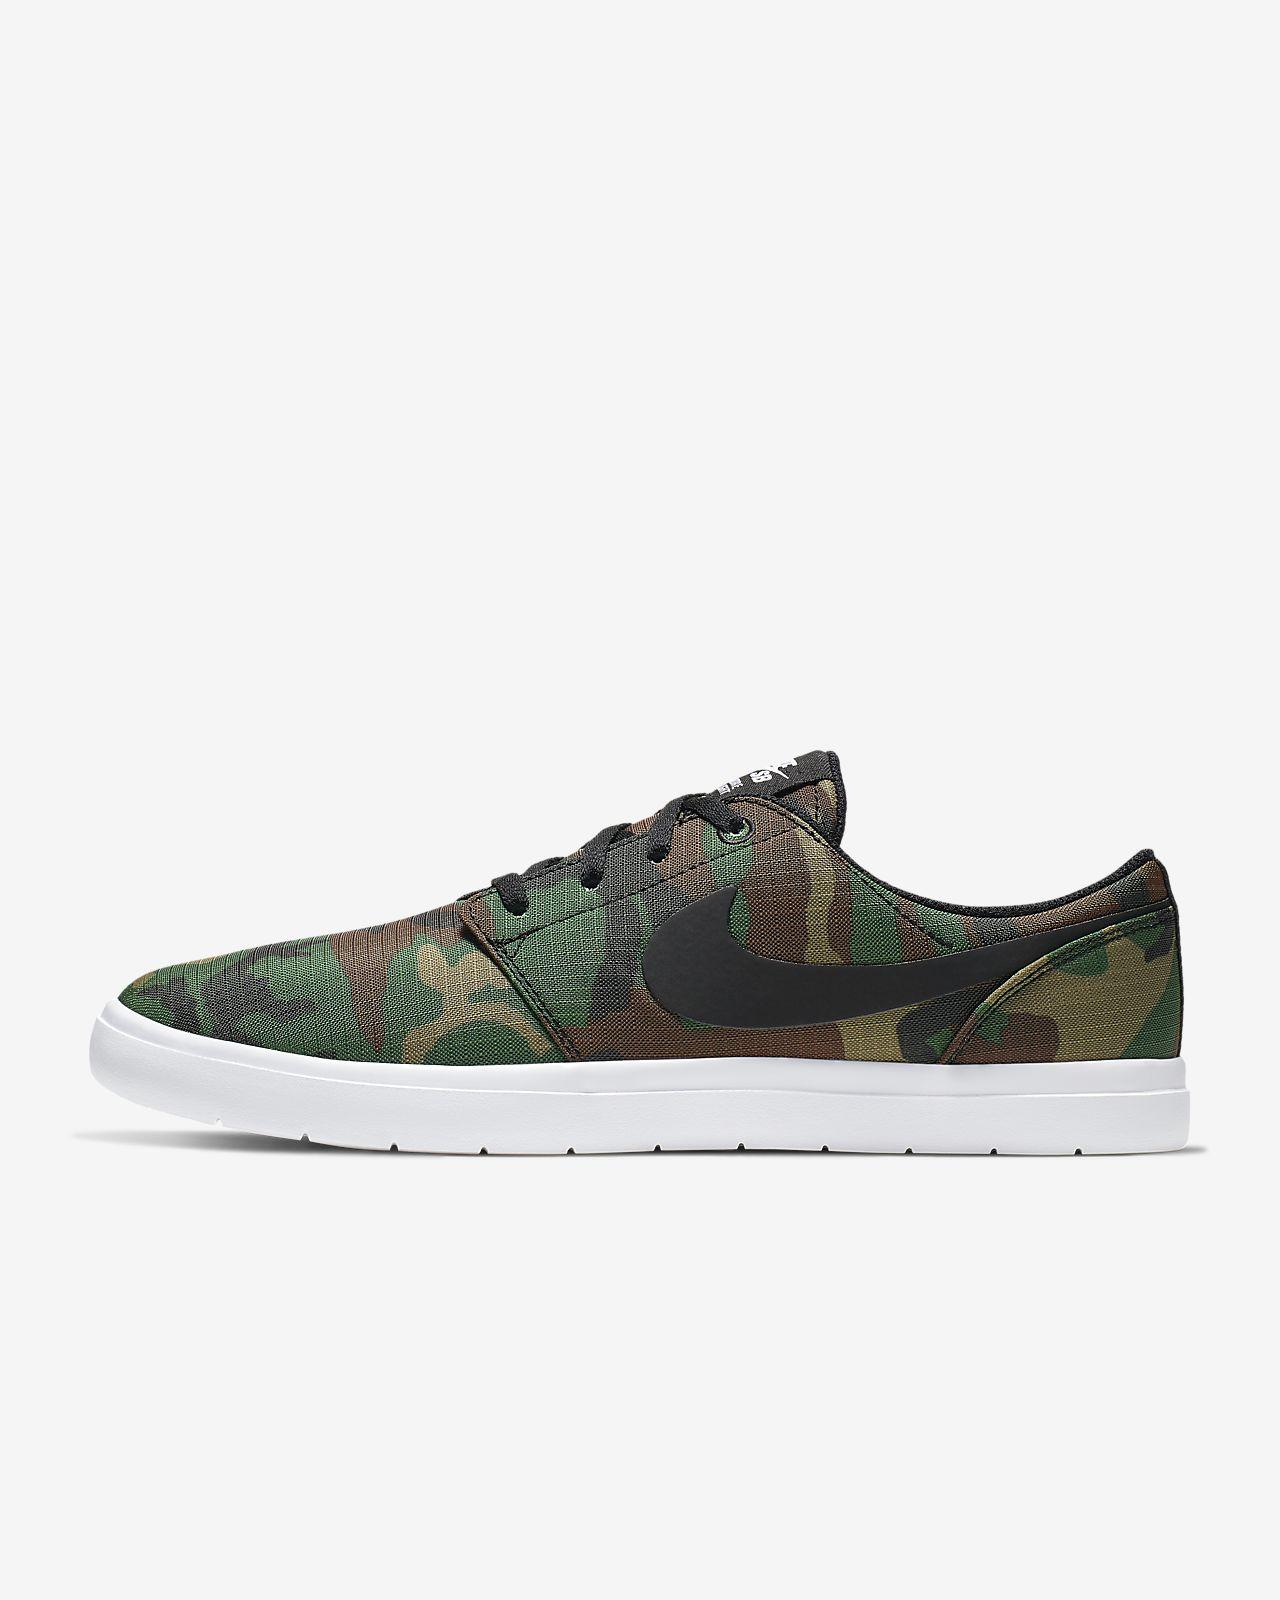 Nike SB Portmore 2 Ultralight Premium Skate Shoe